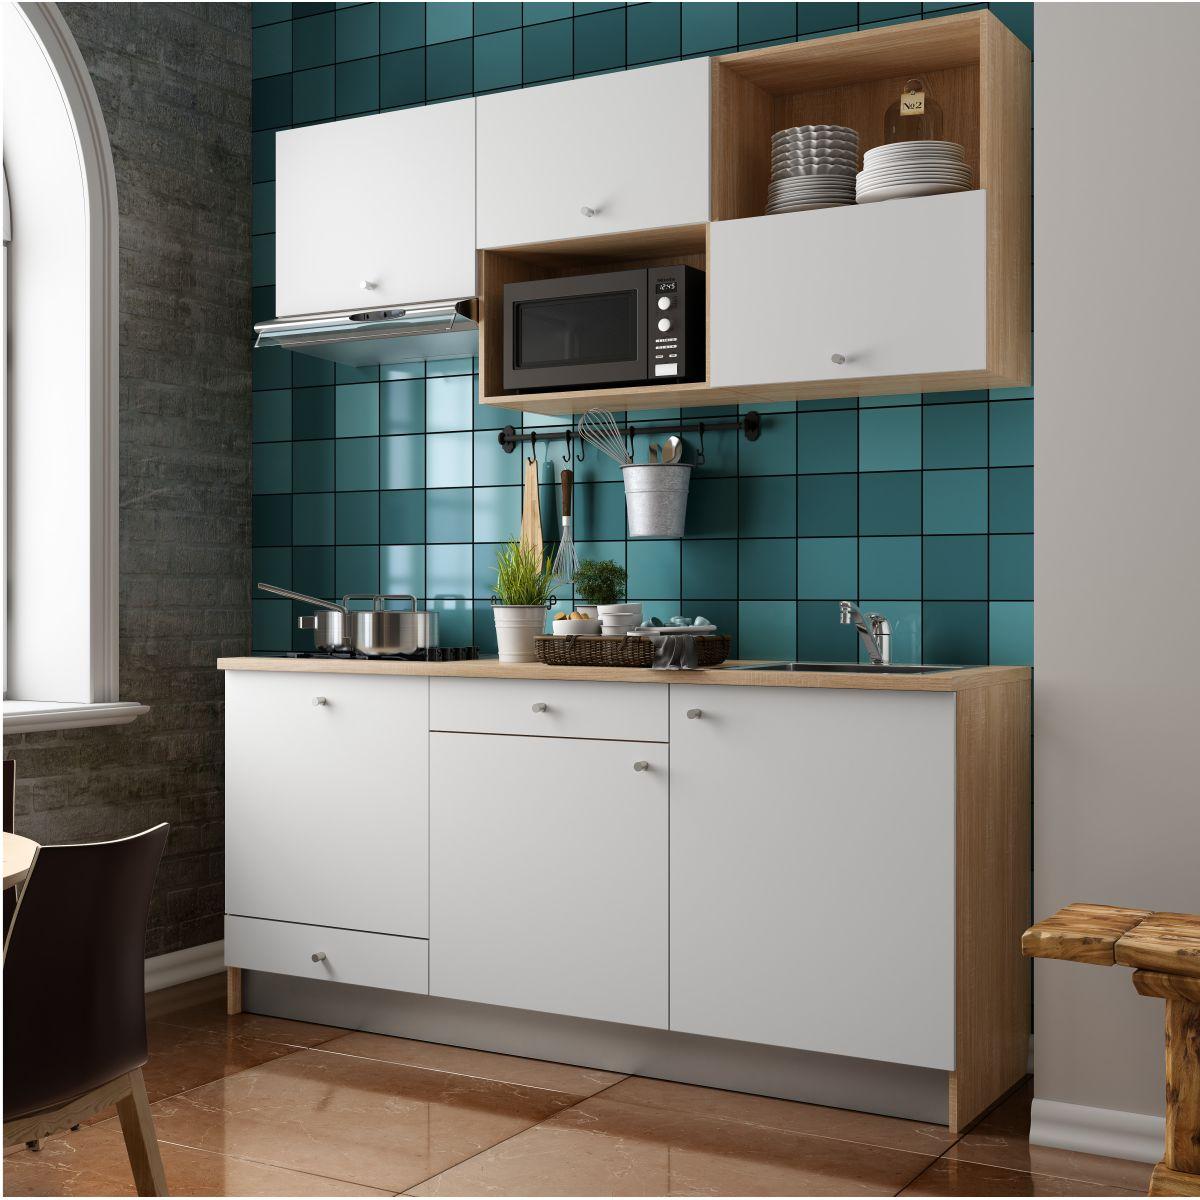 Cucina lineare 3 metri senza frigo cucina moderna lineare - Cucine componibili senza frigo ...